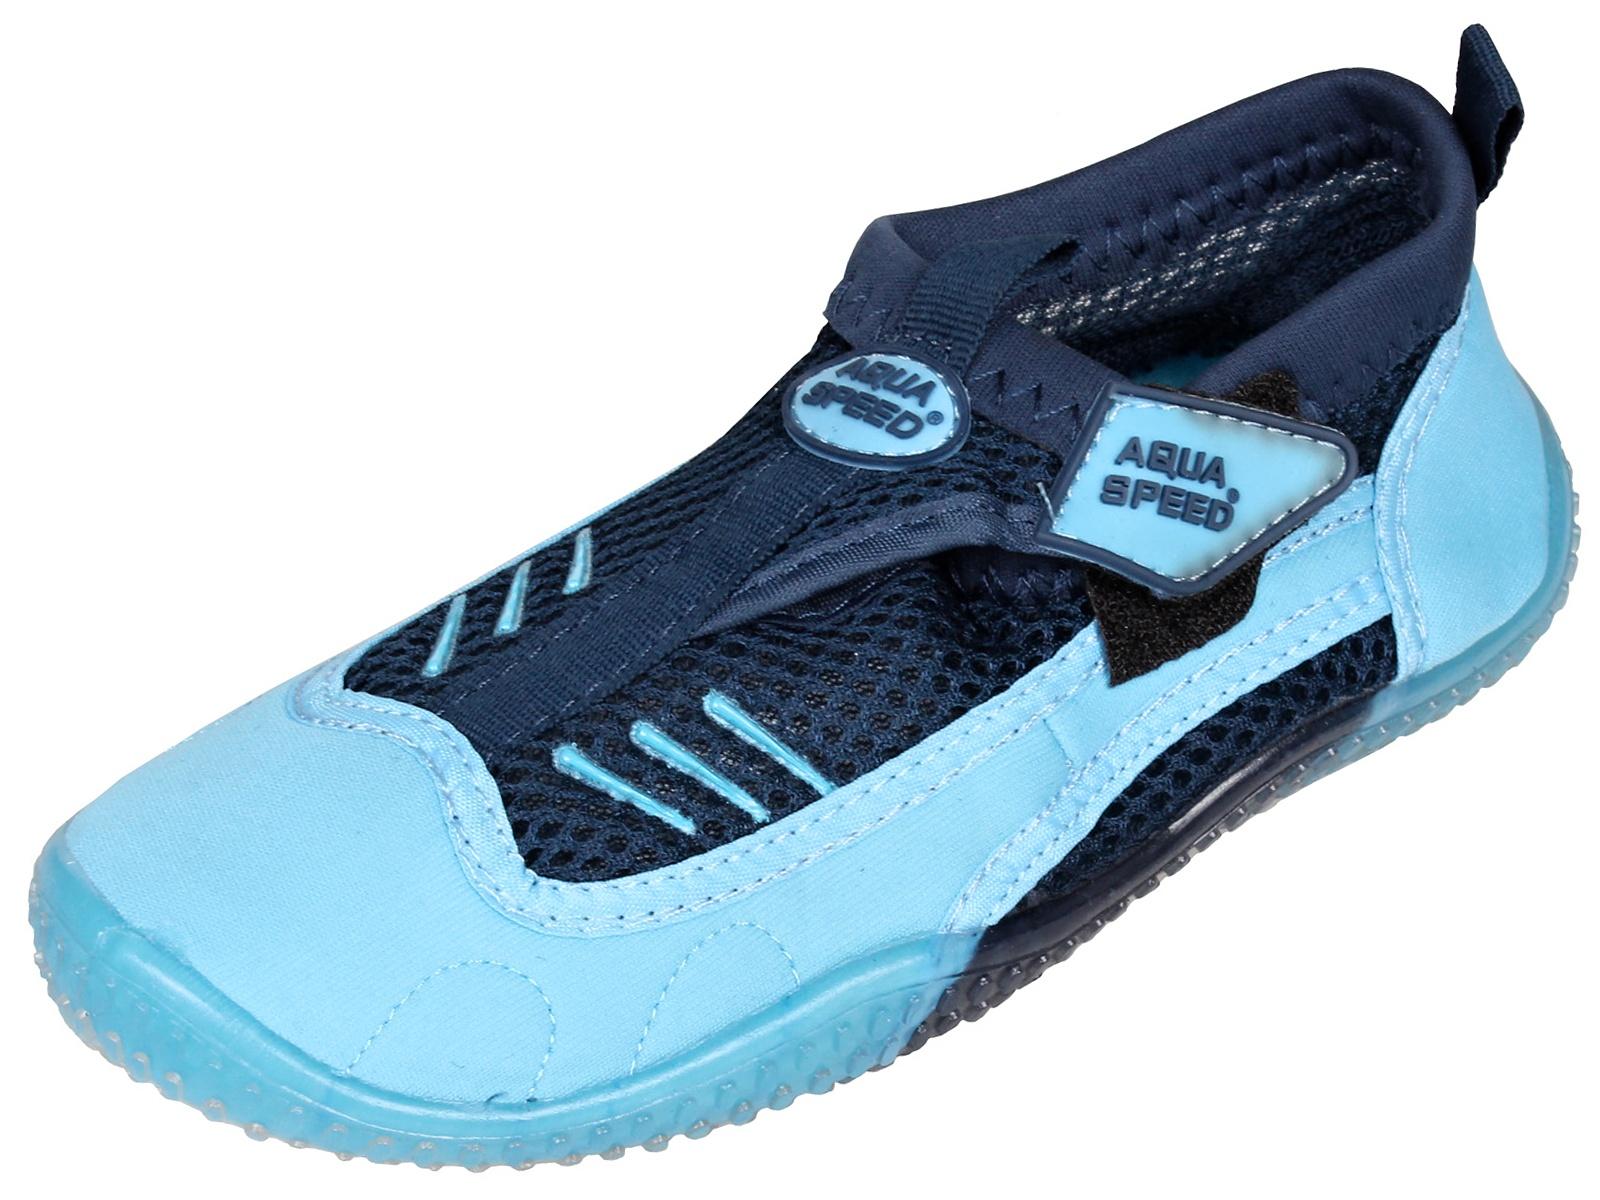 Topánky do vody AQUA-SPEED 7A modré - veľ. 45